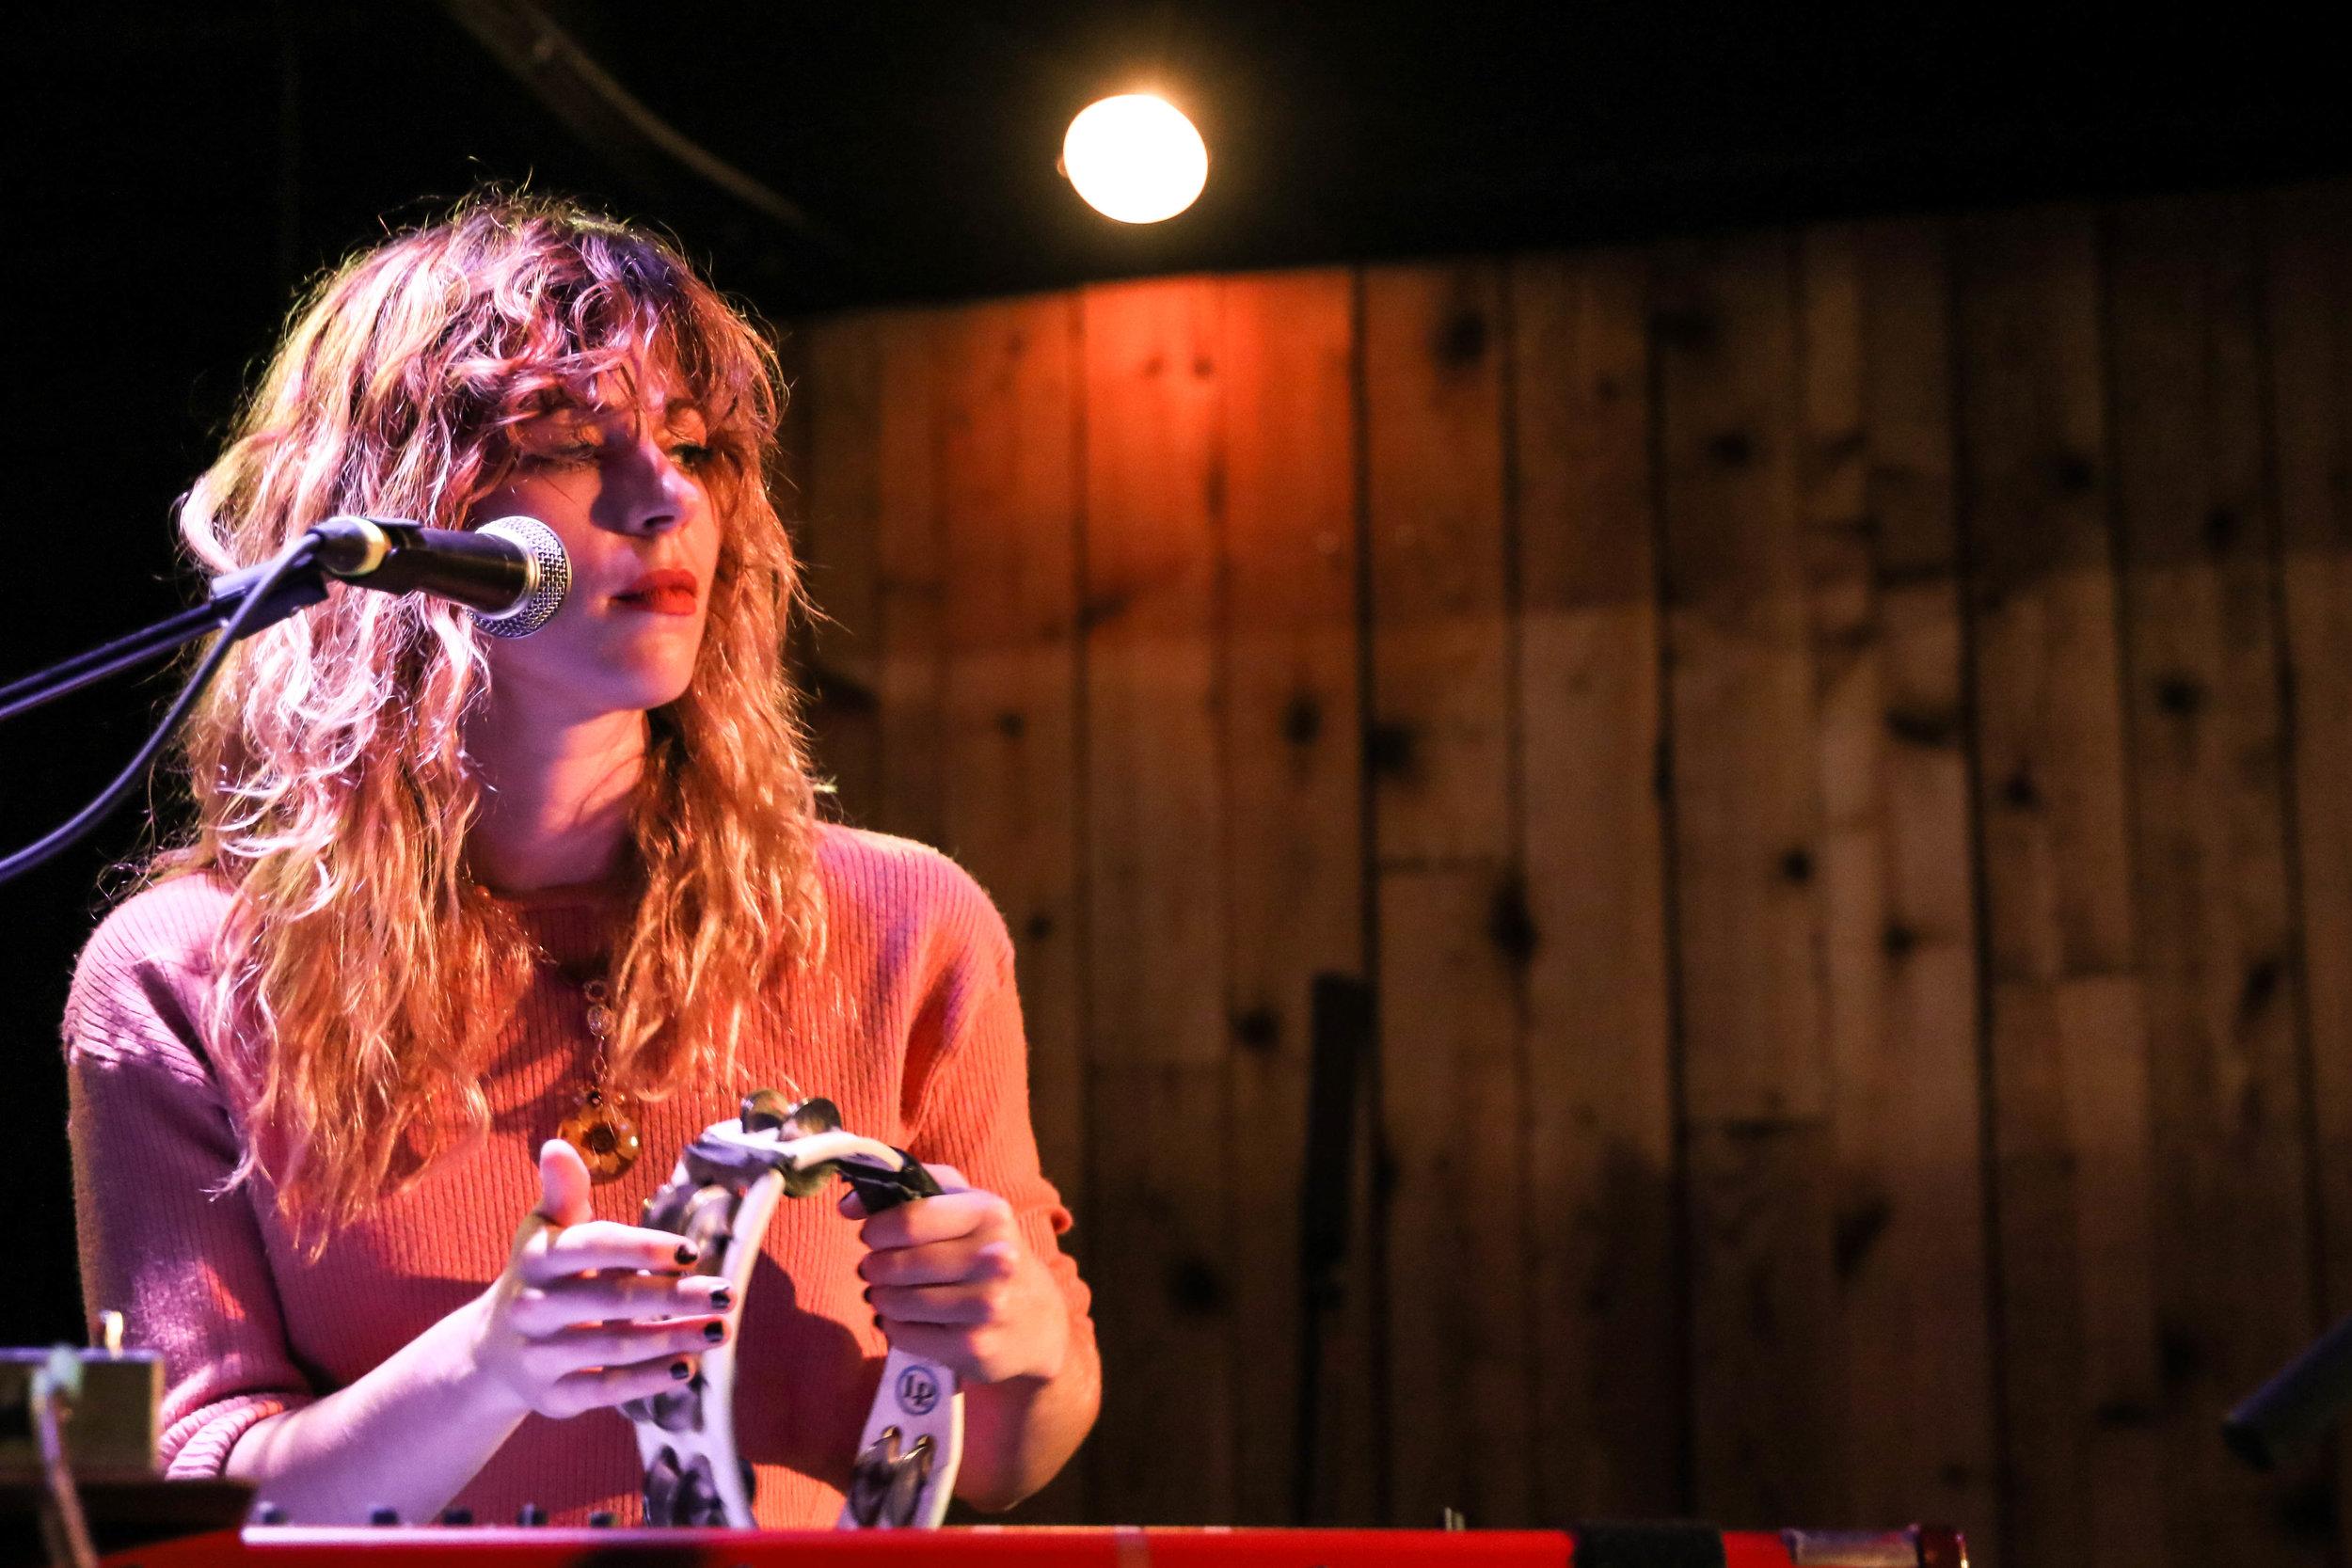 Amy Cole of The Rural Alberta Advantage